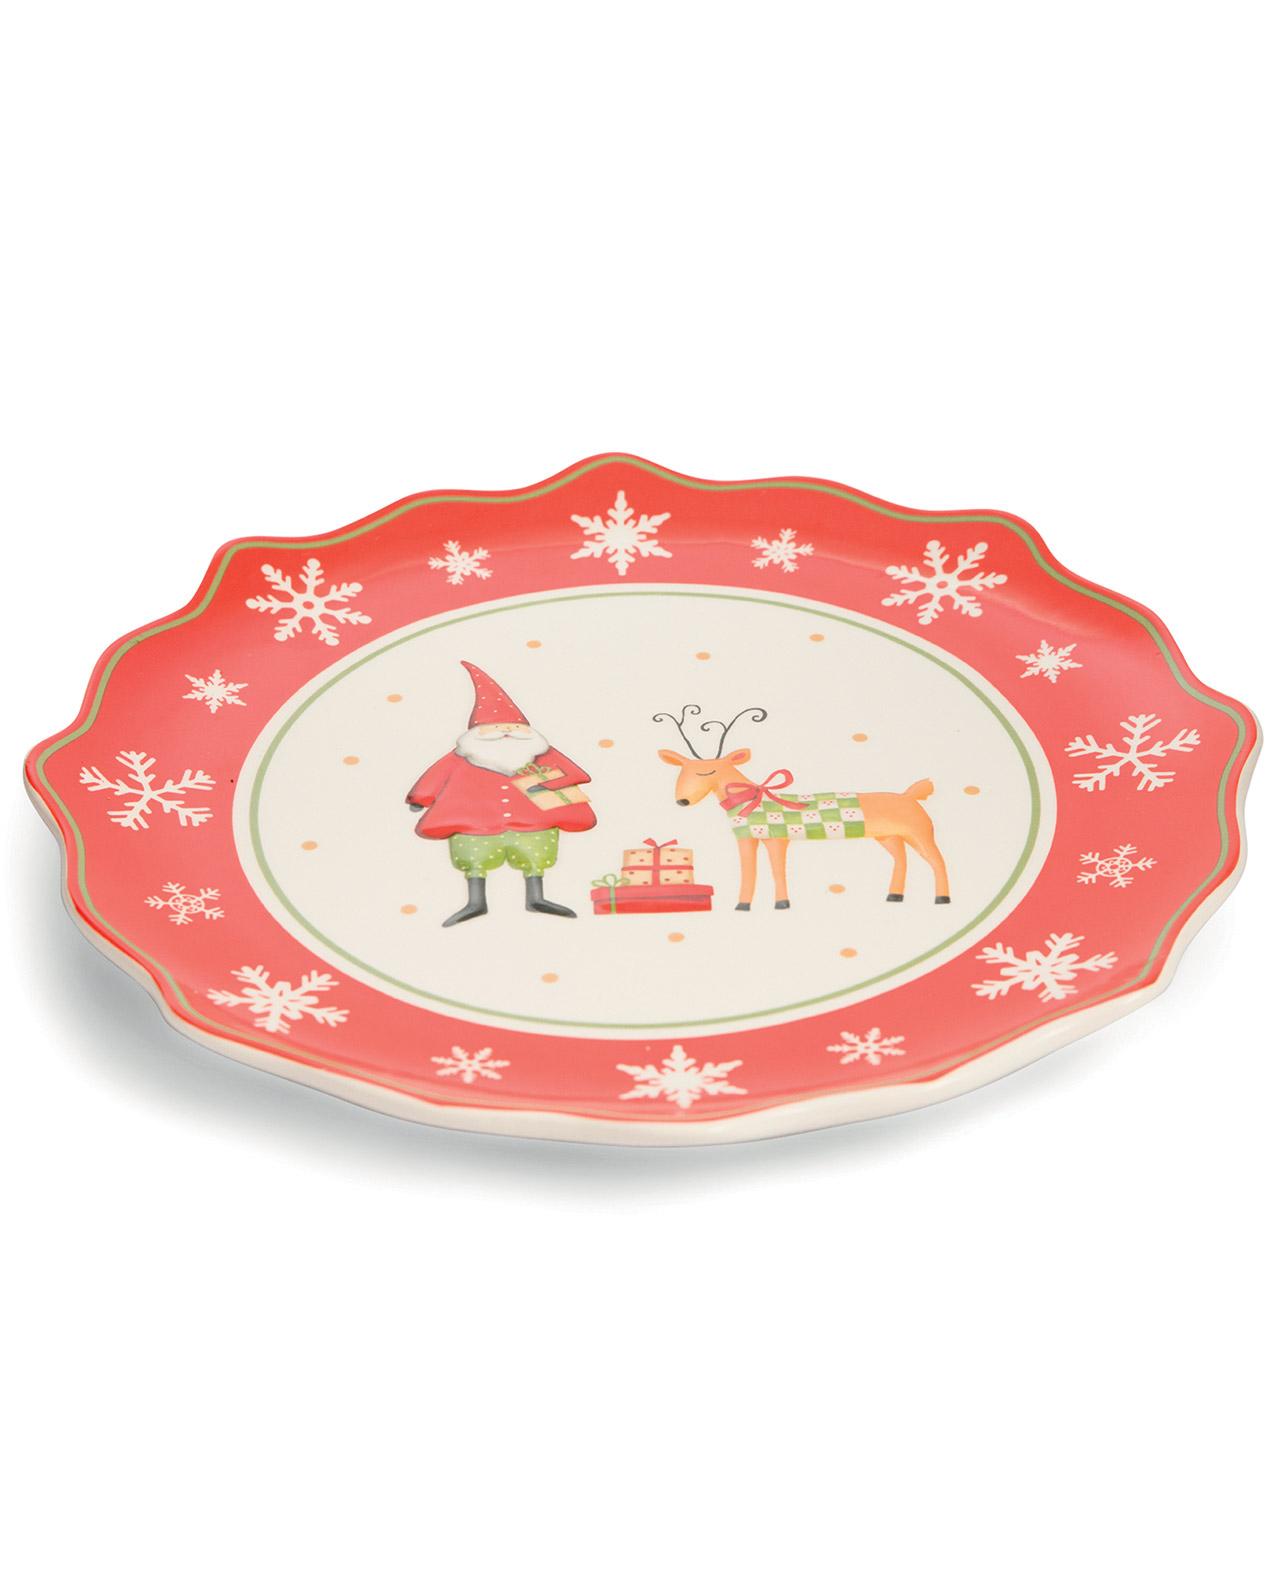 Piatto da portata natalizio tondo mobilia store home - Piatto da portata ...